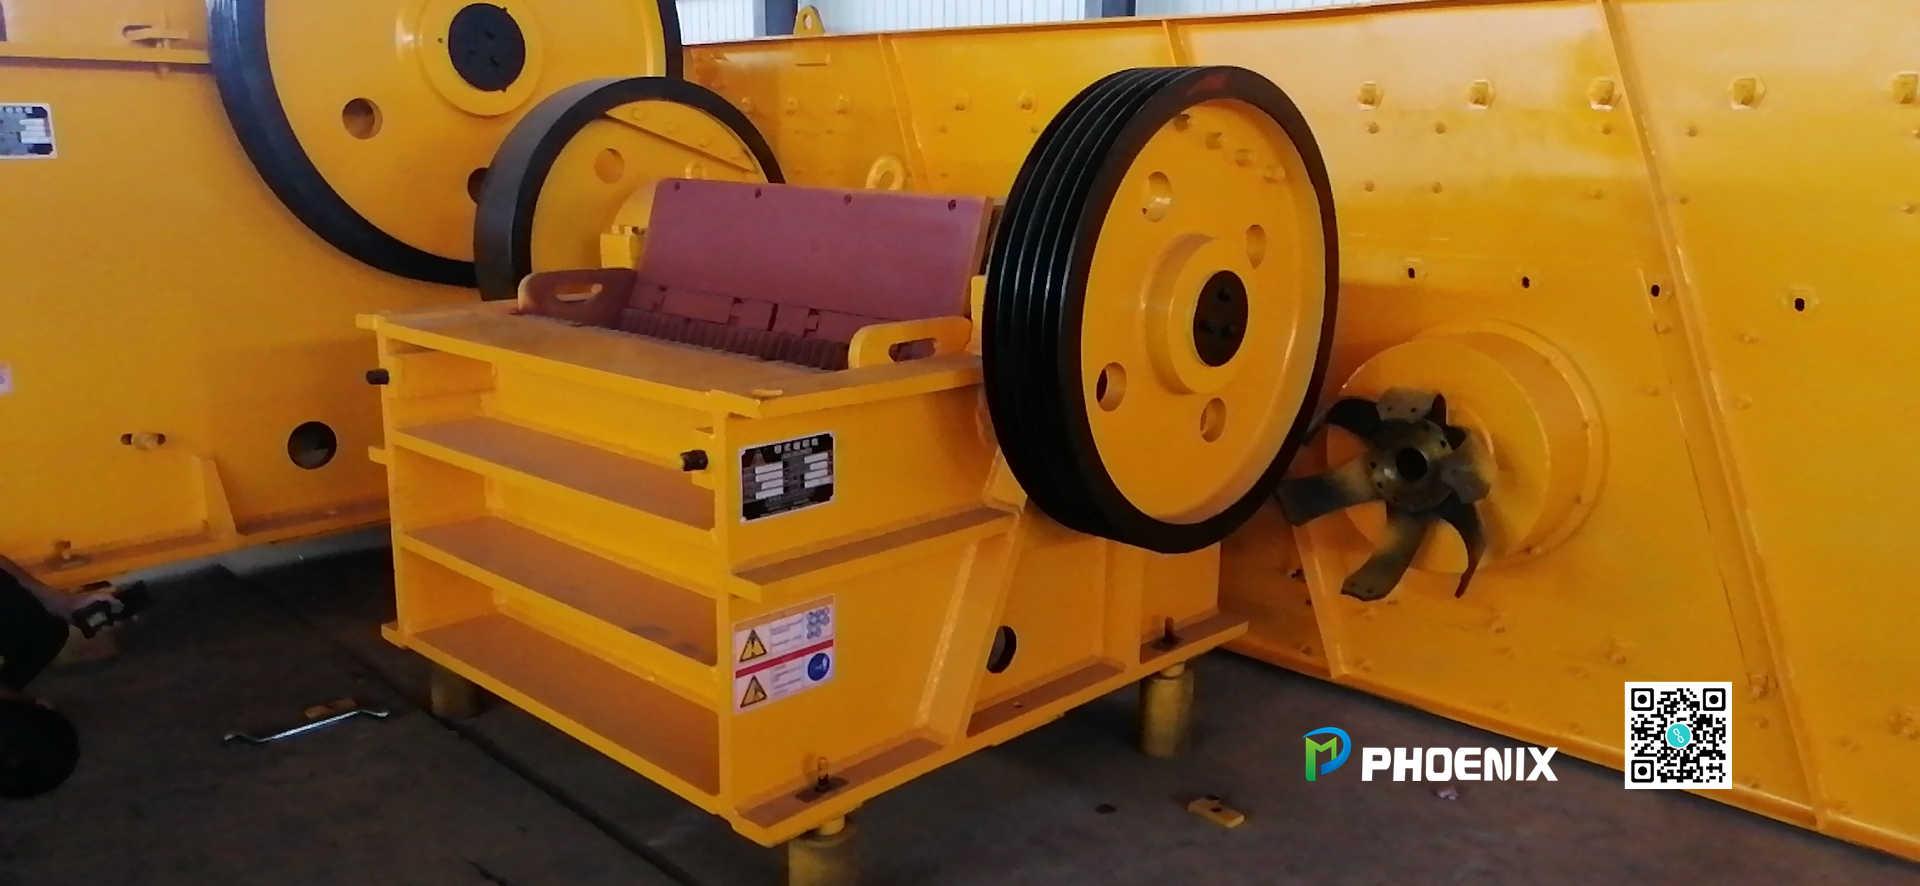 吉林时产500吨砂石生产线暨破碎机设备发货回顾